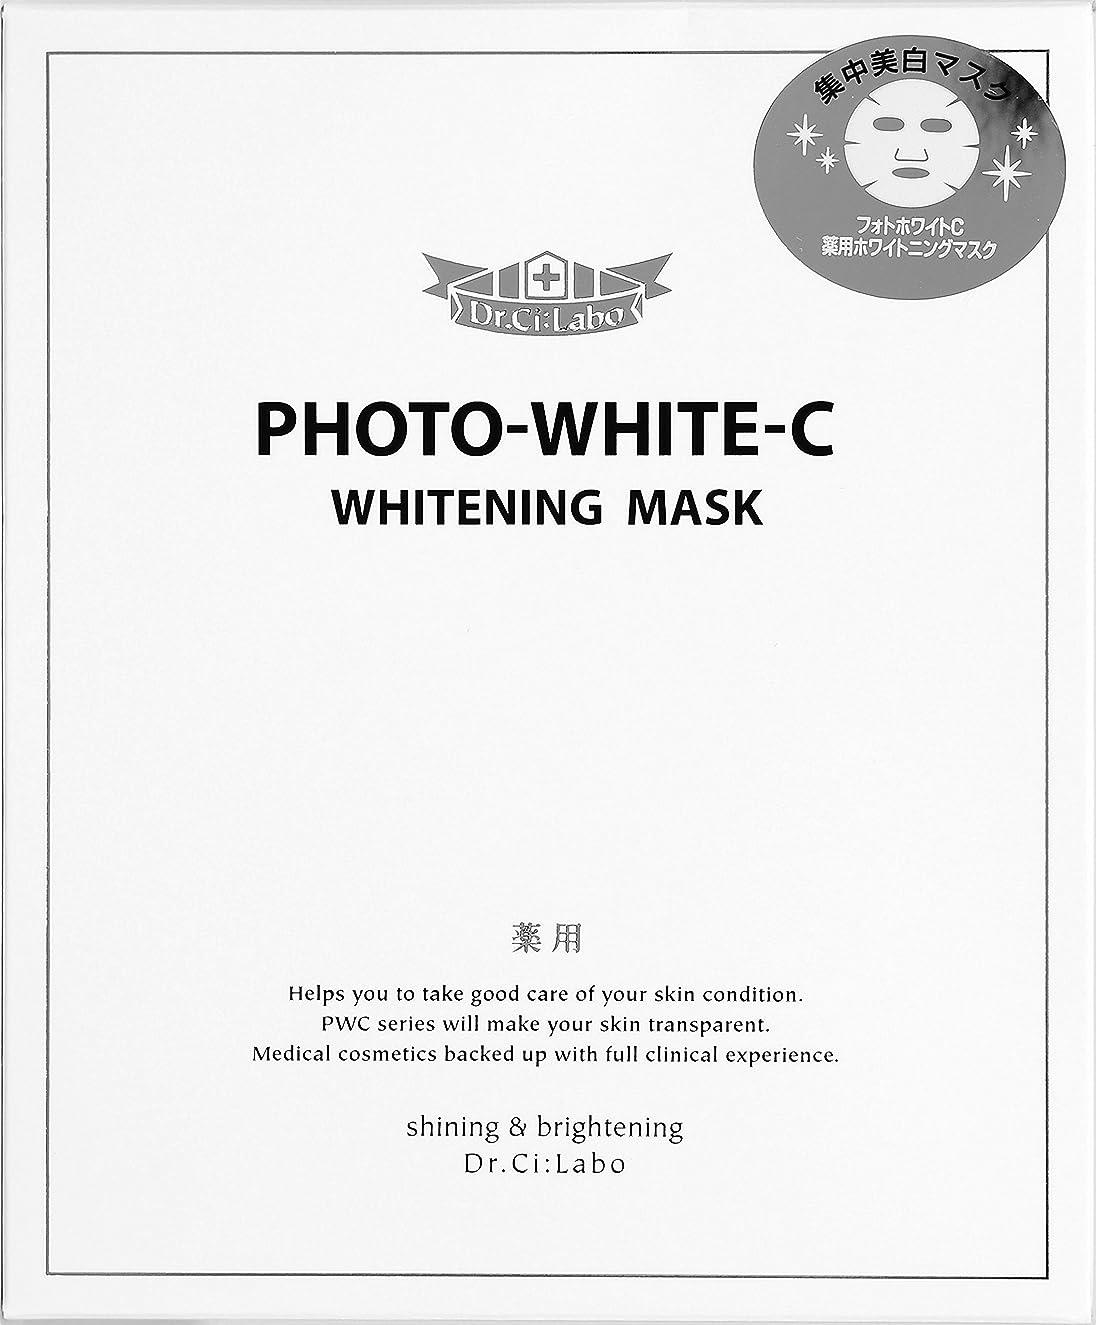 いっぱいパックフォロードクターシーラボ フォトホワイトC 薬用ホワイトニングマスク (1箱:5枚入り) フェイスパック [医薬部外品]